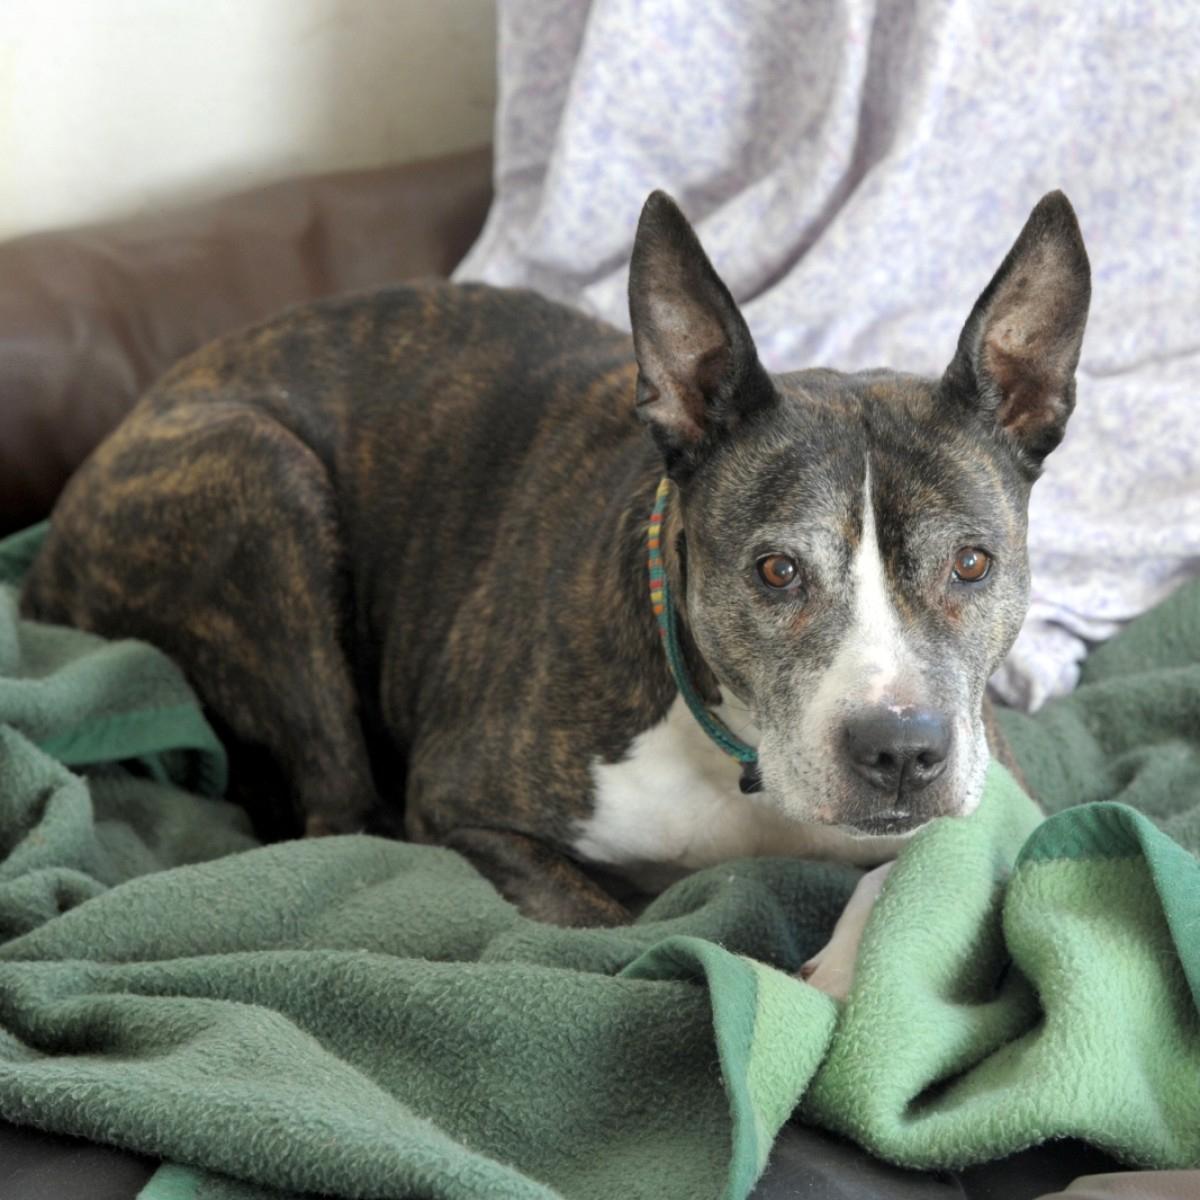 Verbotene Hunderassen: Im Zweifel Hilft Ein Dna-Test   Svz.de über Hunderasse Kreuzworträtsel